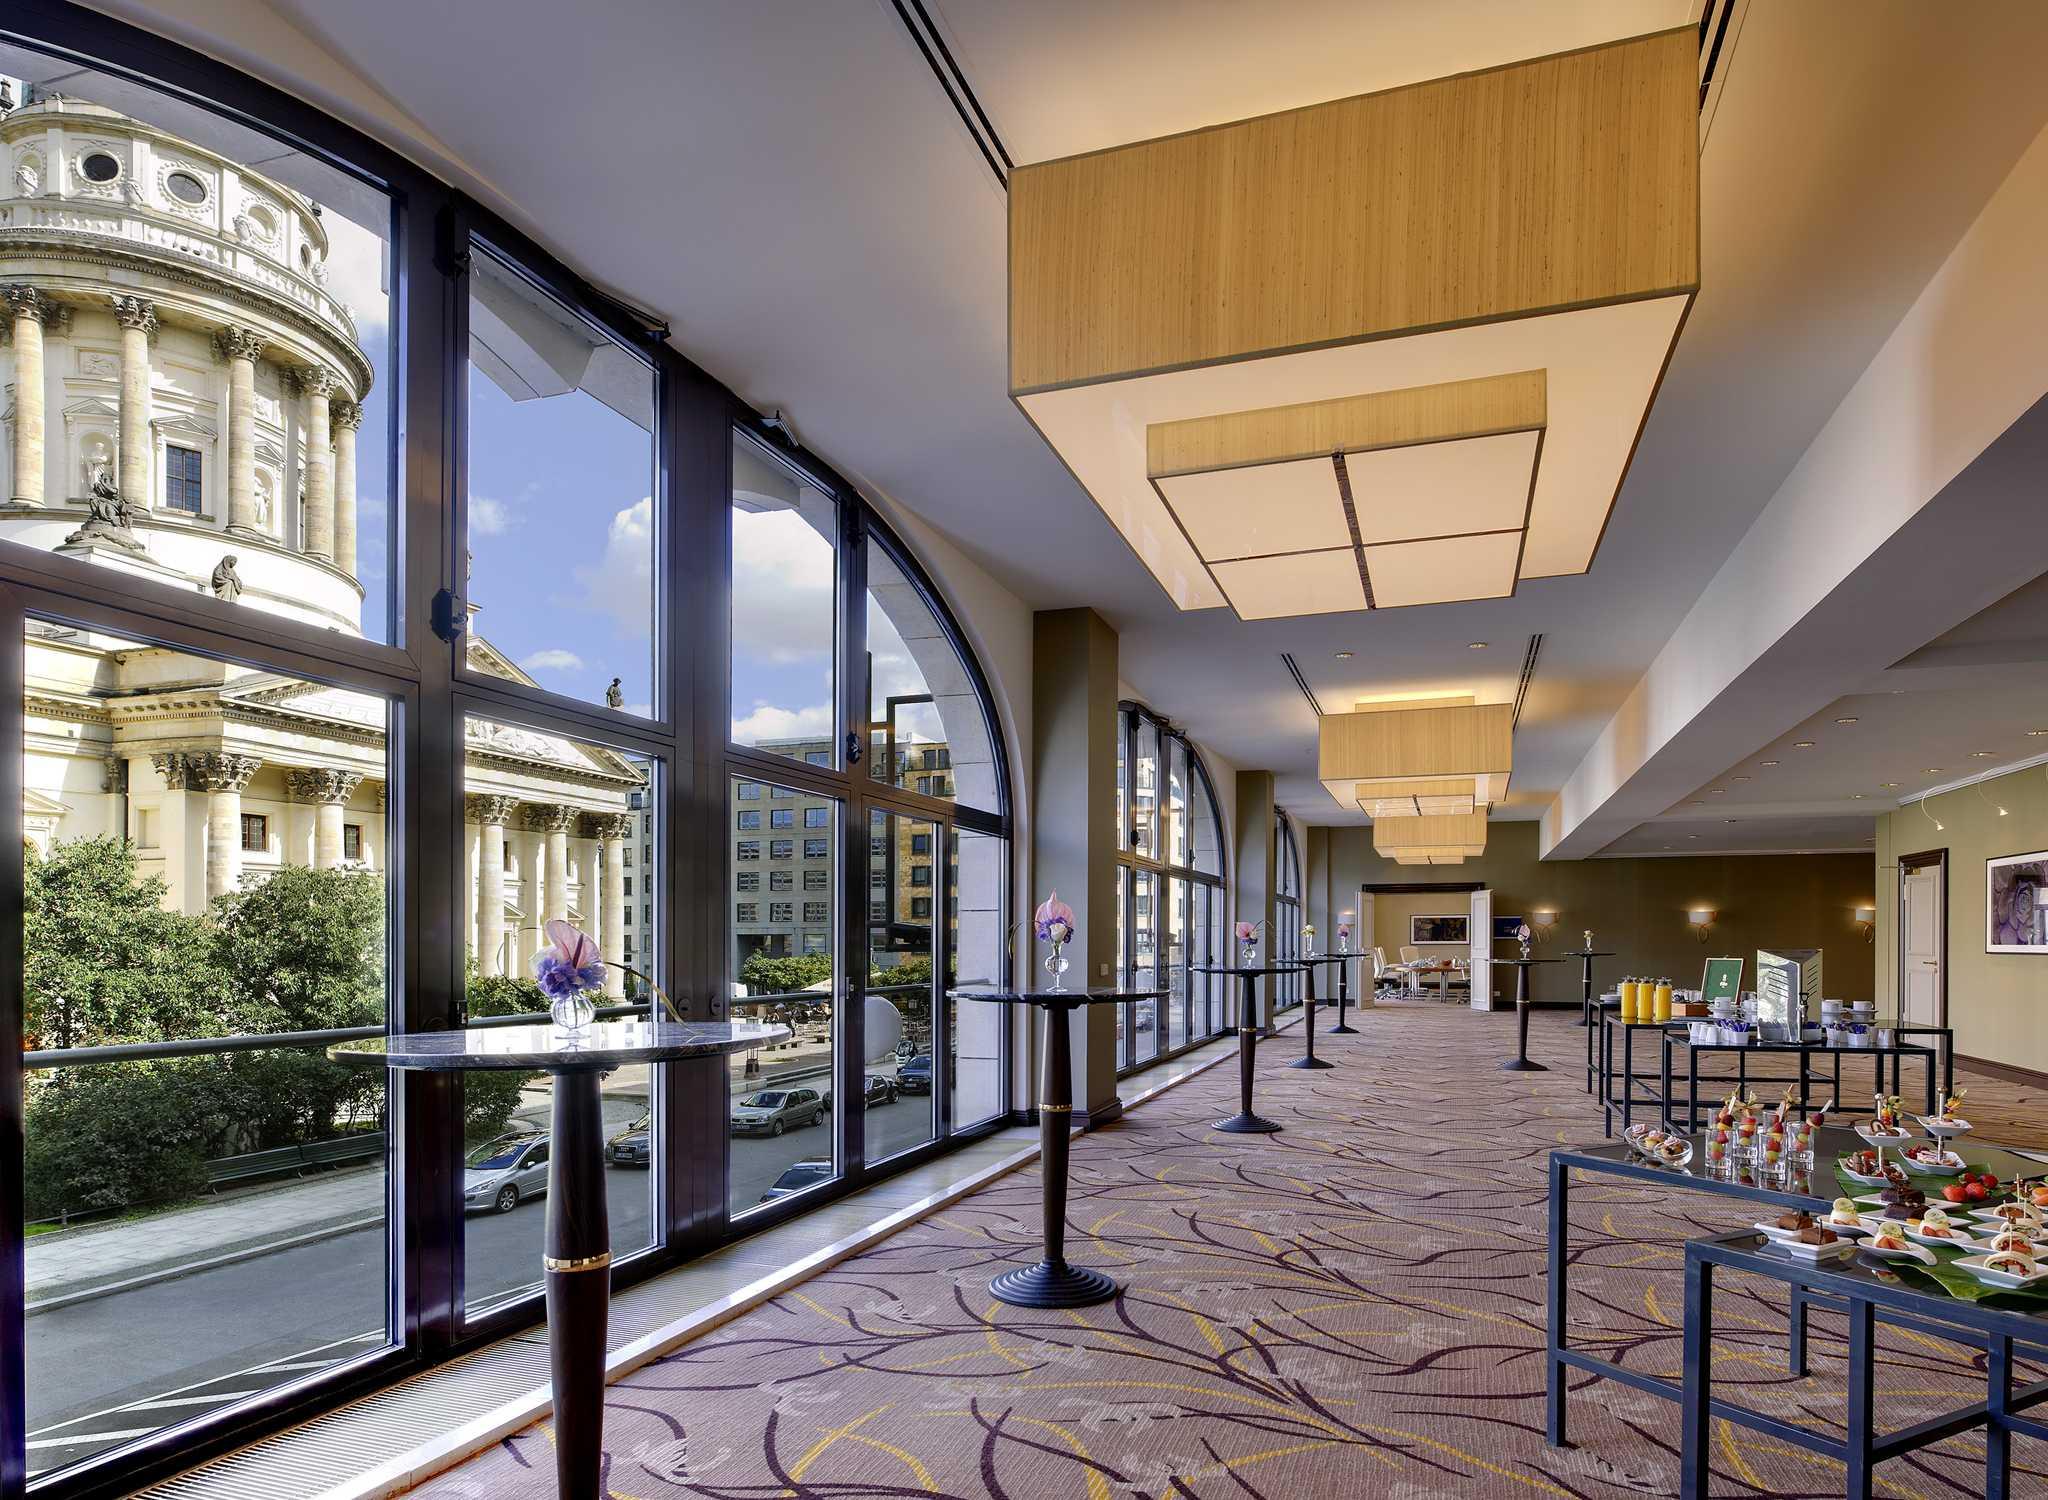 hilton berlin hotel hotel in berlijn duitsland hotel. Black Bedroom Furniture Sets. Home Design Ideas